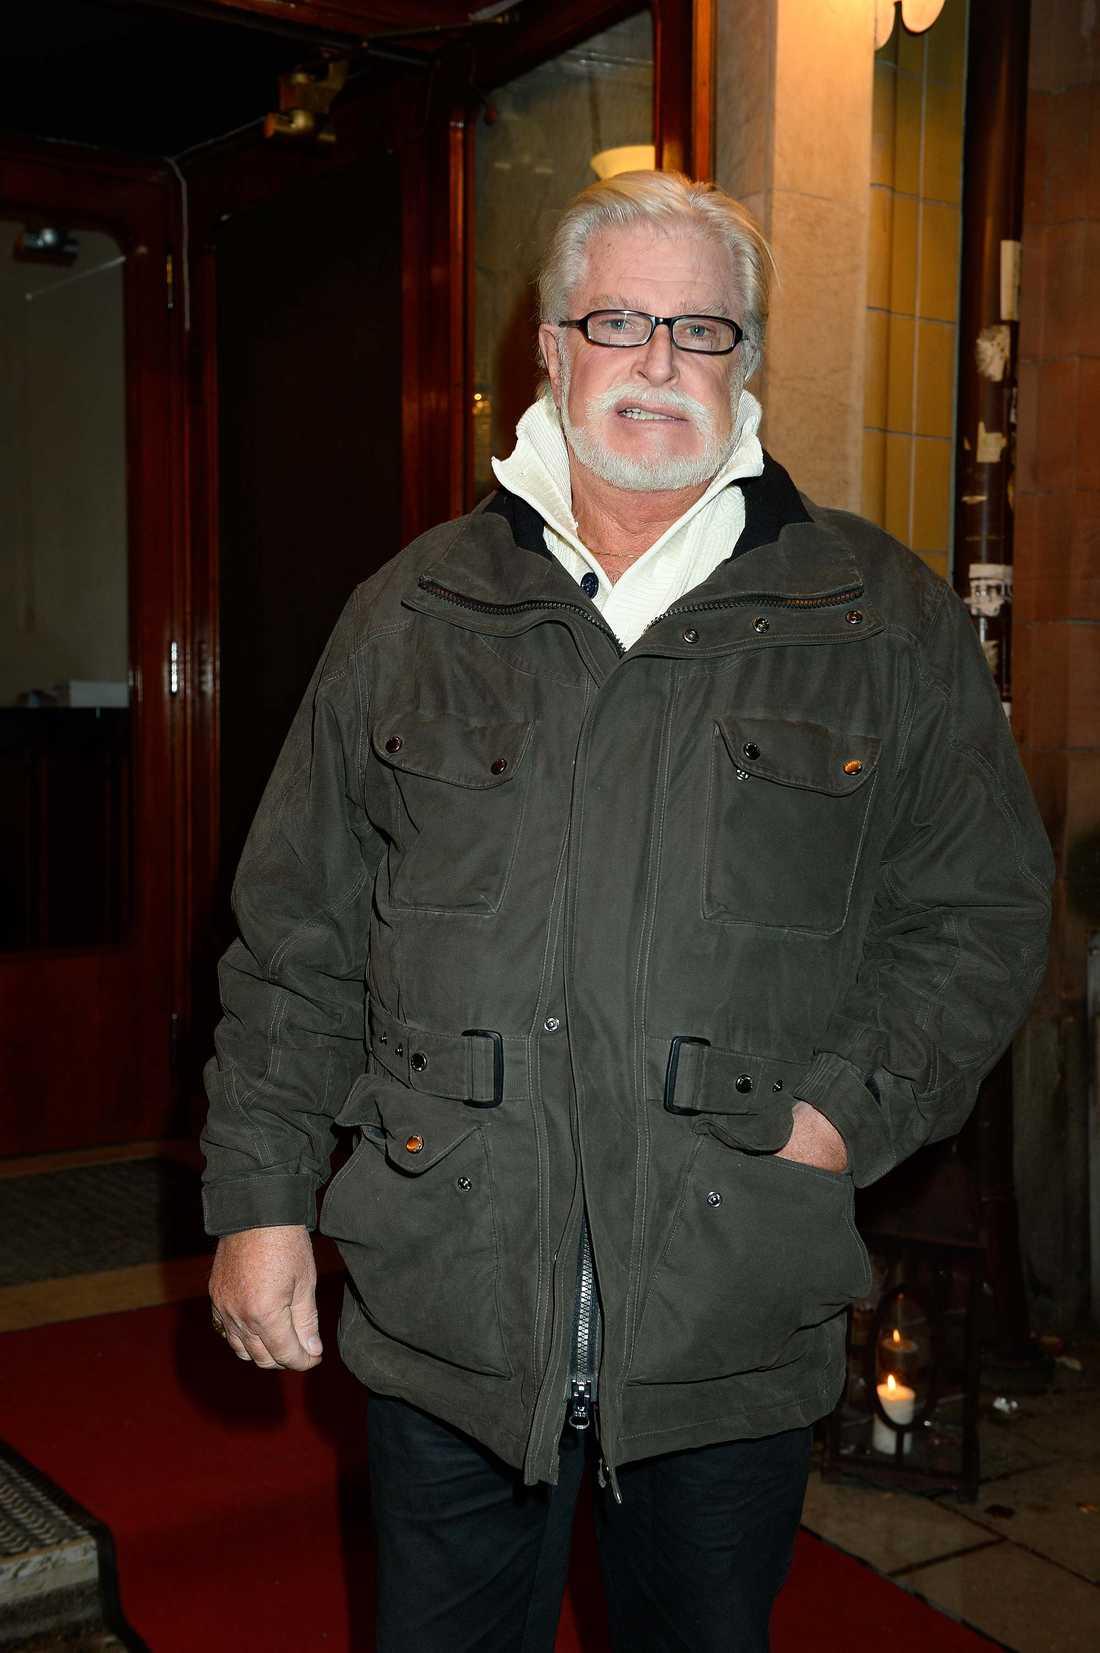 """Ulf Brunnberg spelade """"Ragnar Vanheden"""" i åtta Jönssonligan-filmer. Han var den som alltid körde och utförde alla stunts med den klassiska bilen som tjuvligan hade."""